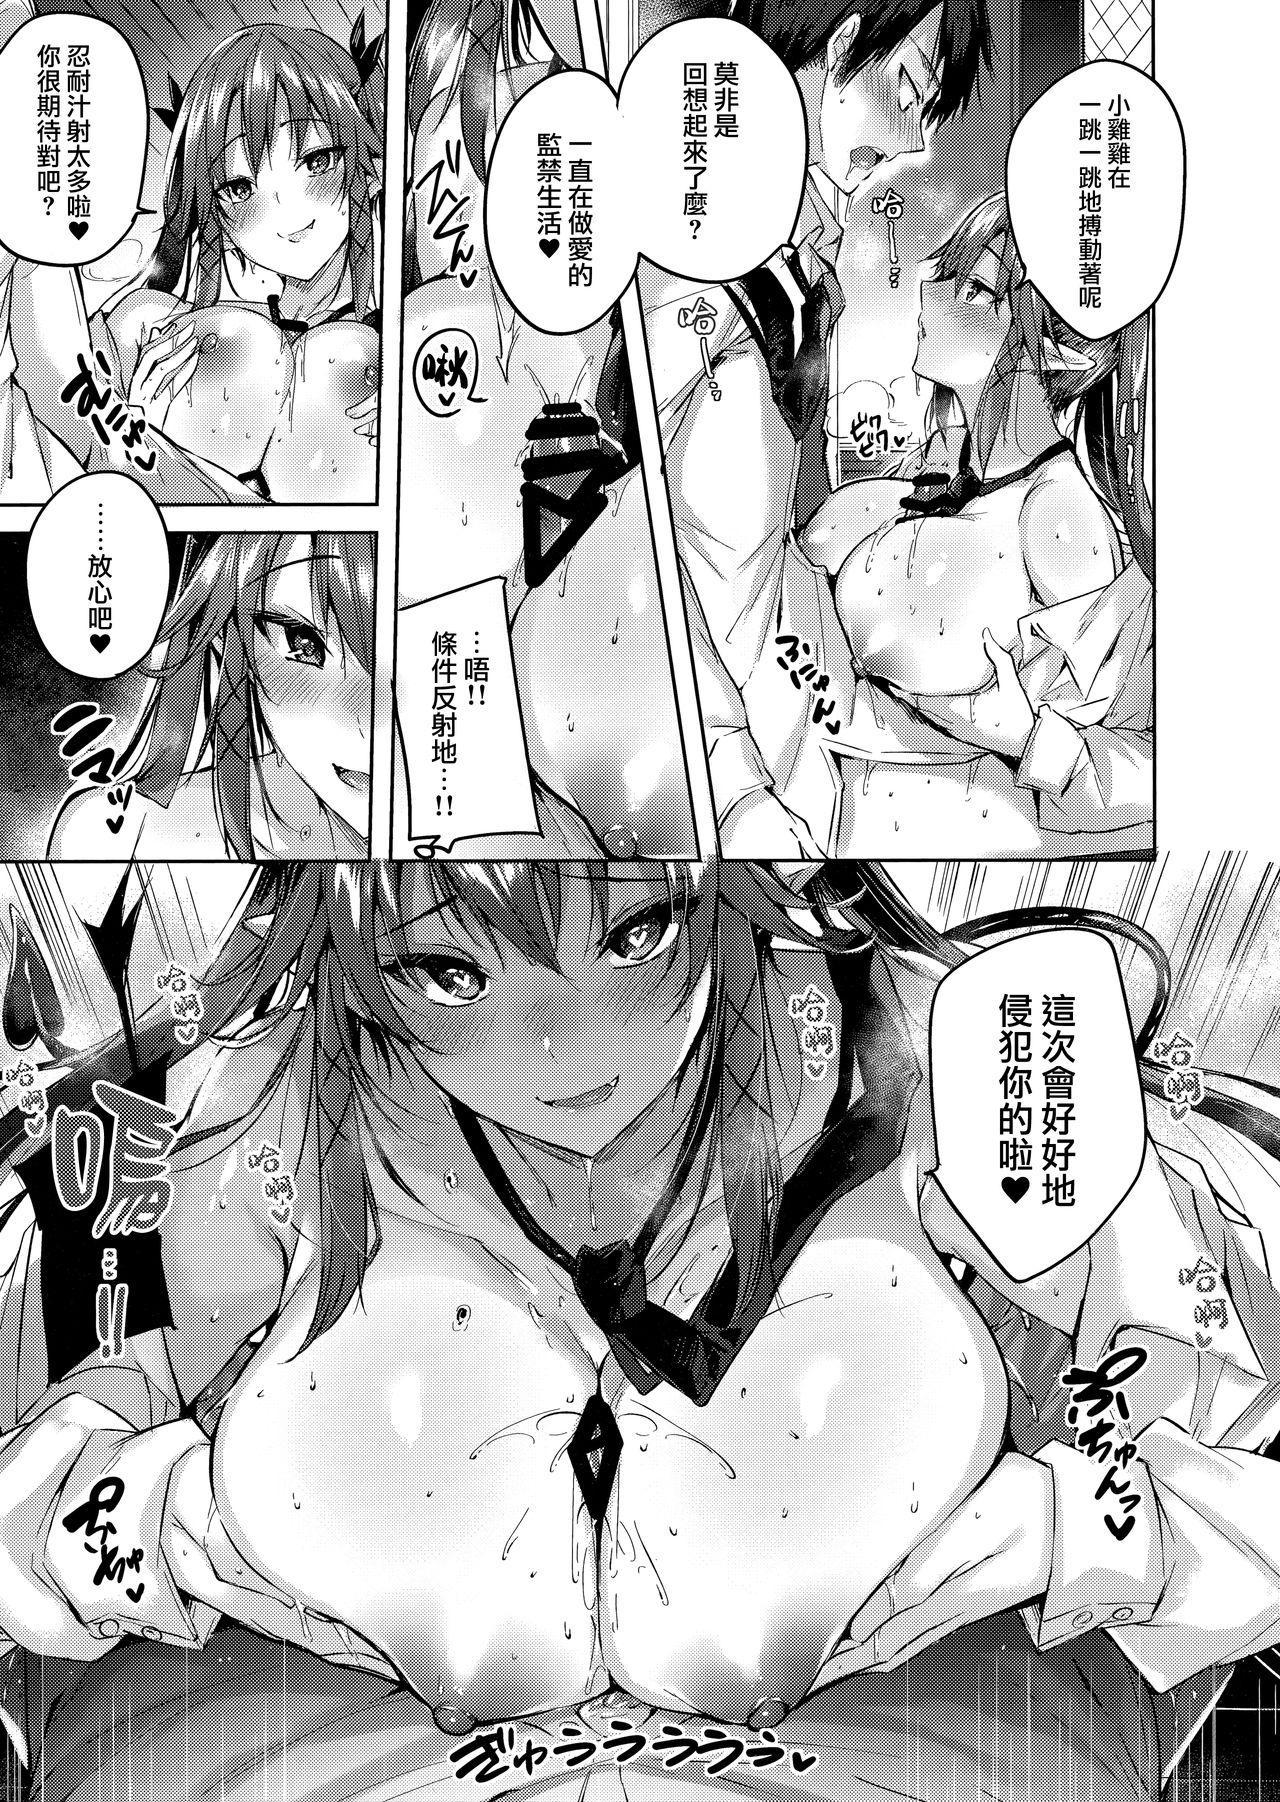 Koakuma Setsuko no Himitsu Vol. 4 16